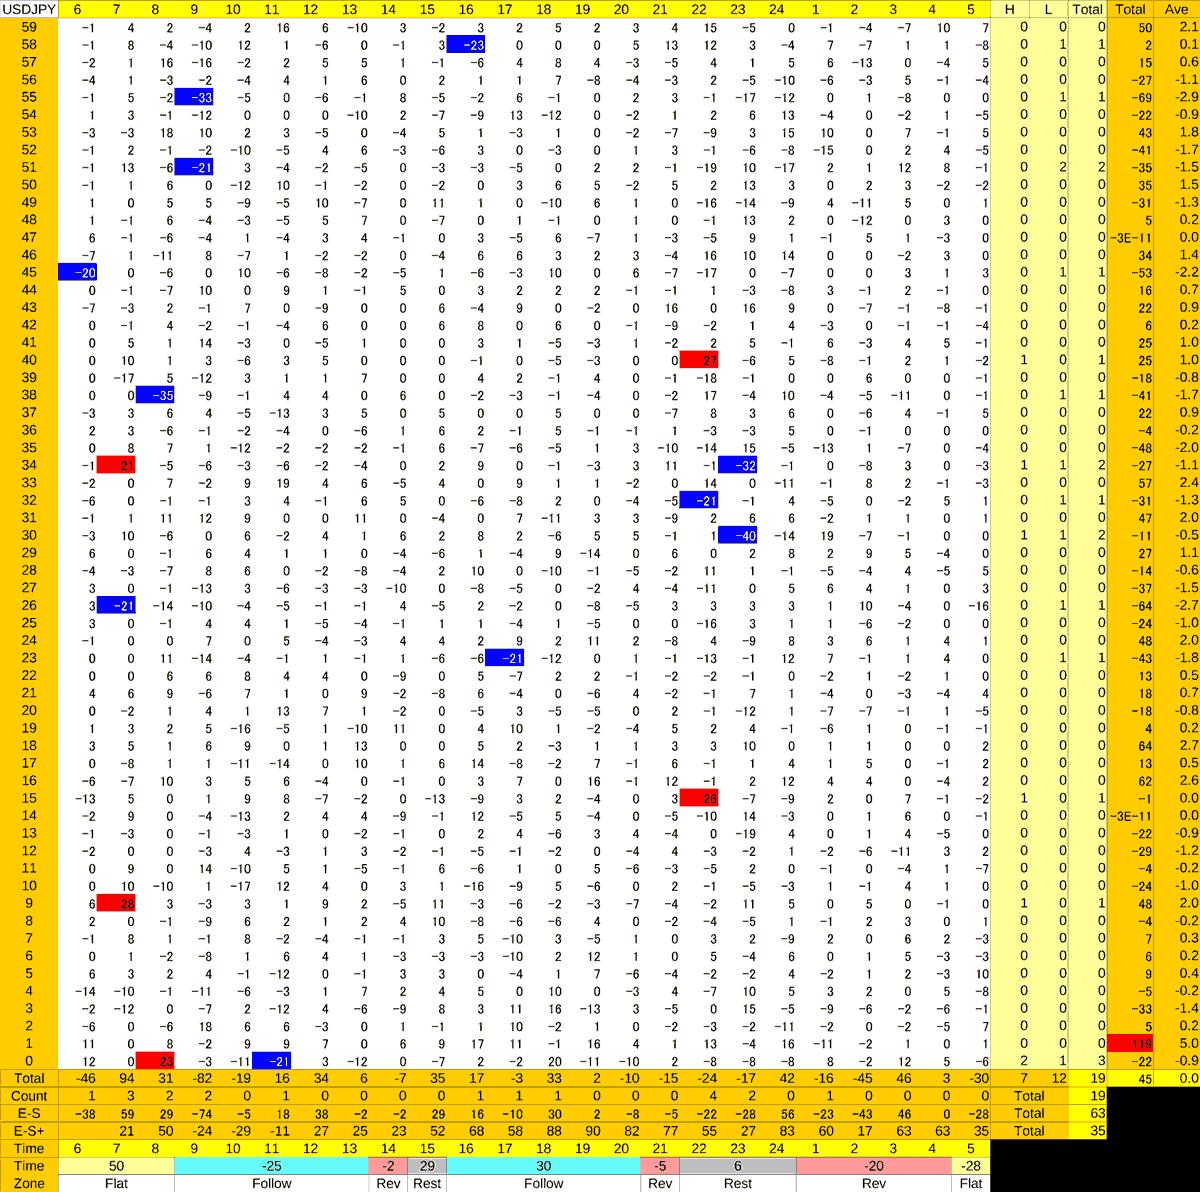 20210203_HS(1)USDJPY